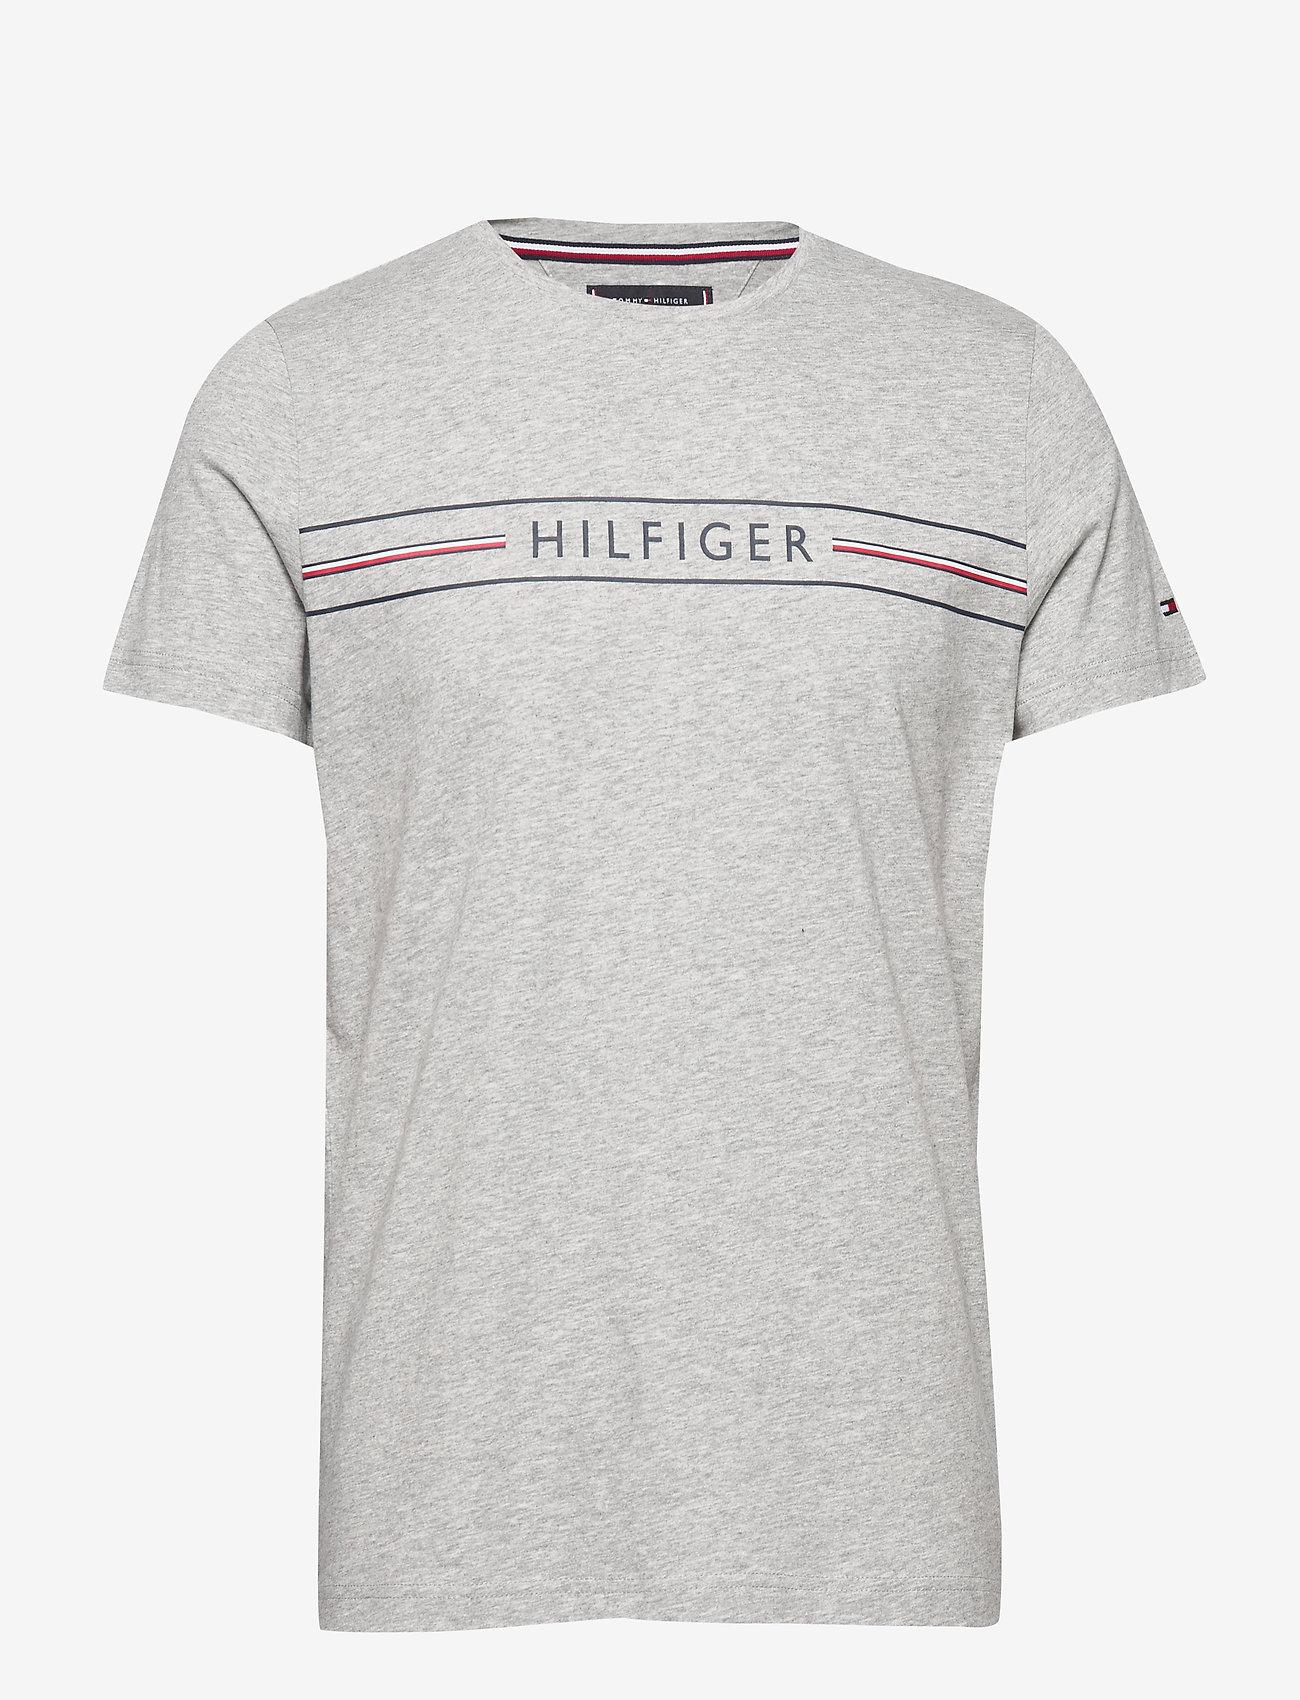 Tommy Hilfiger - CORP HILFIGER TEE - kortermede t-skjorter - medium grey heather